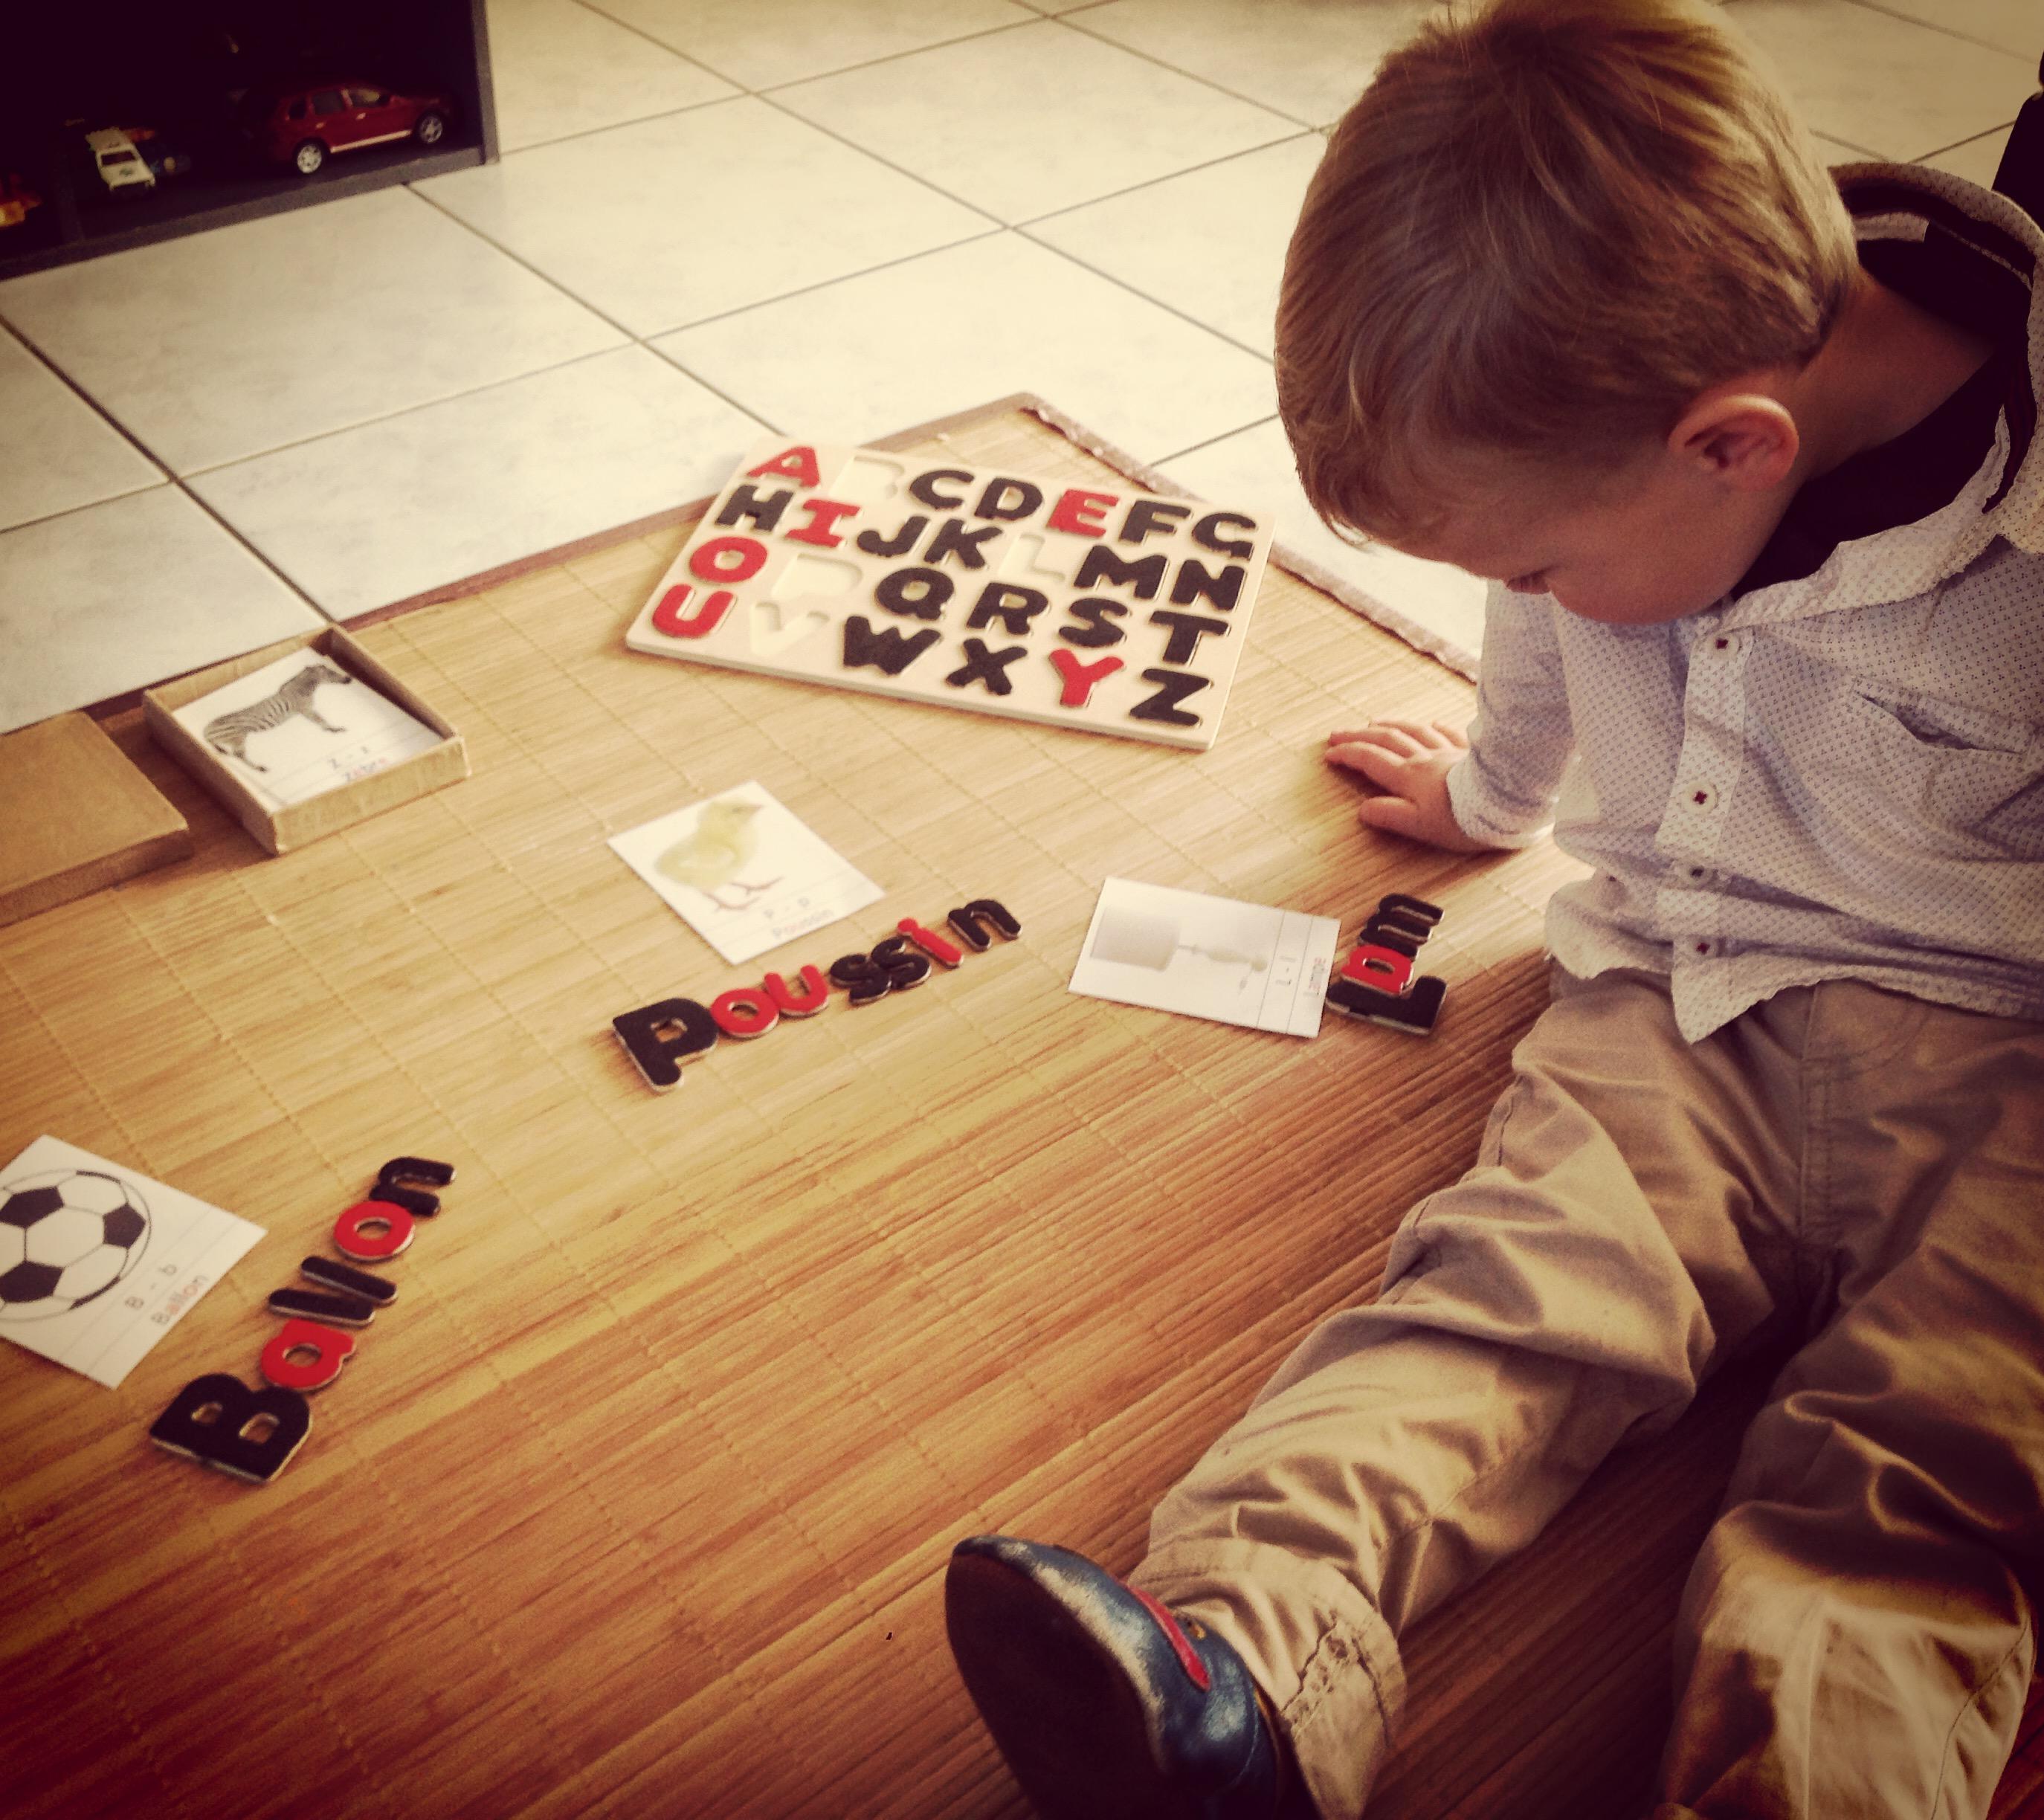 arthur joue au lettre